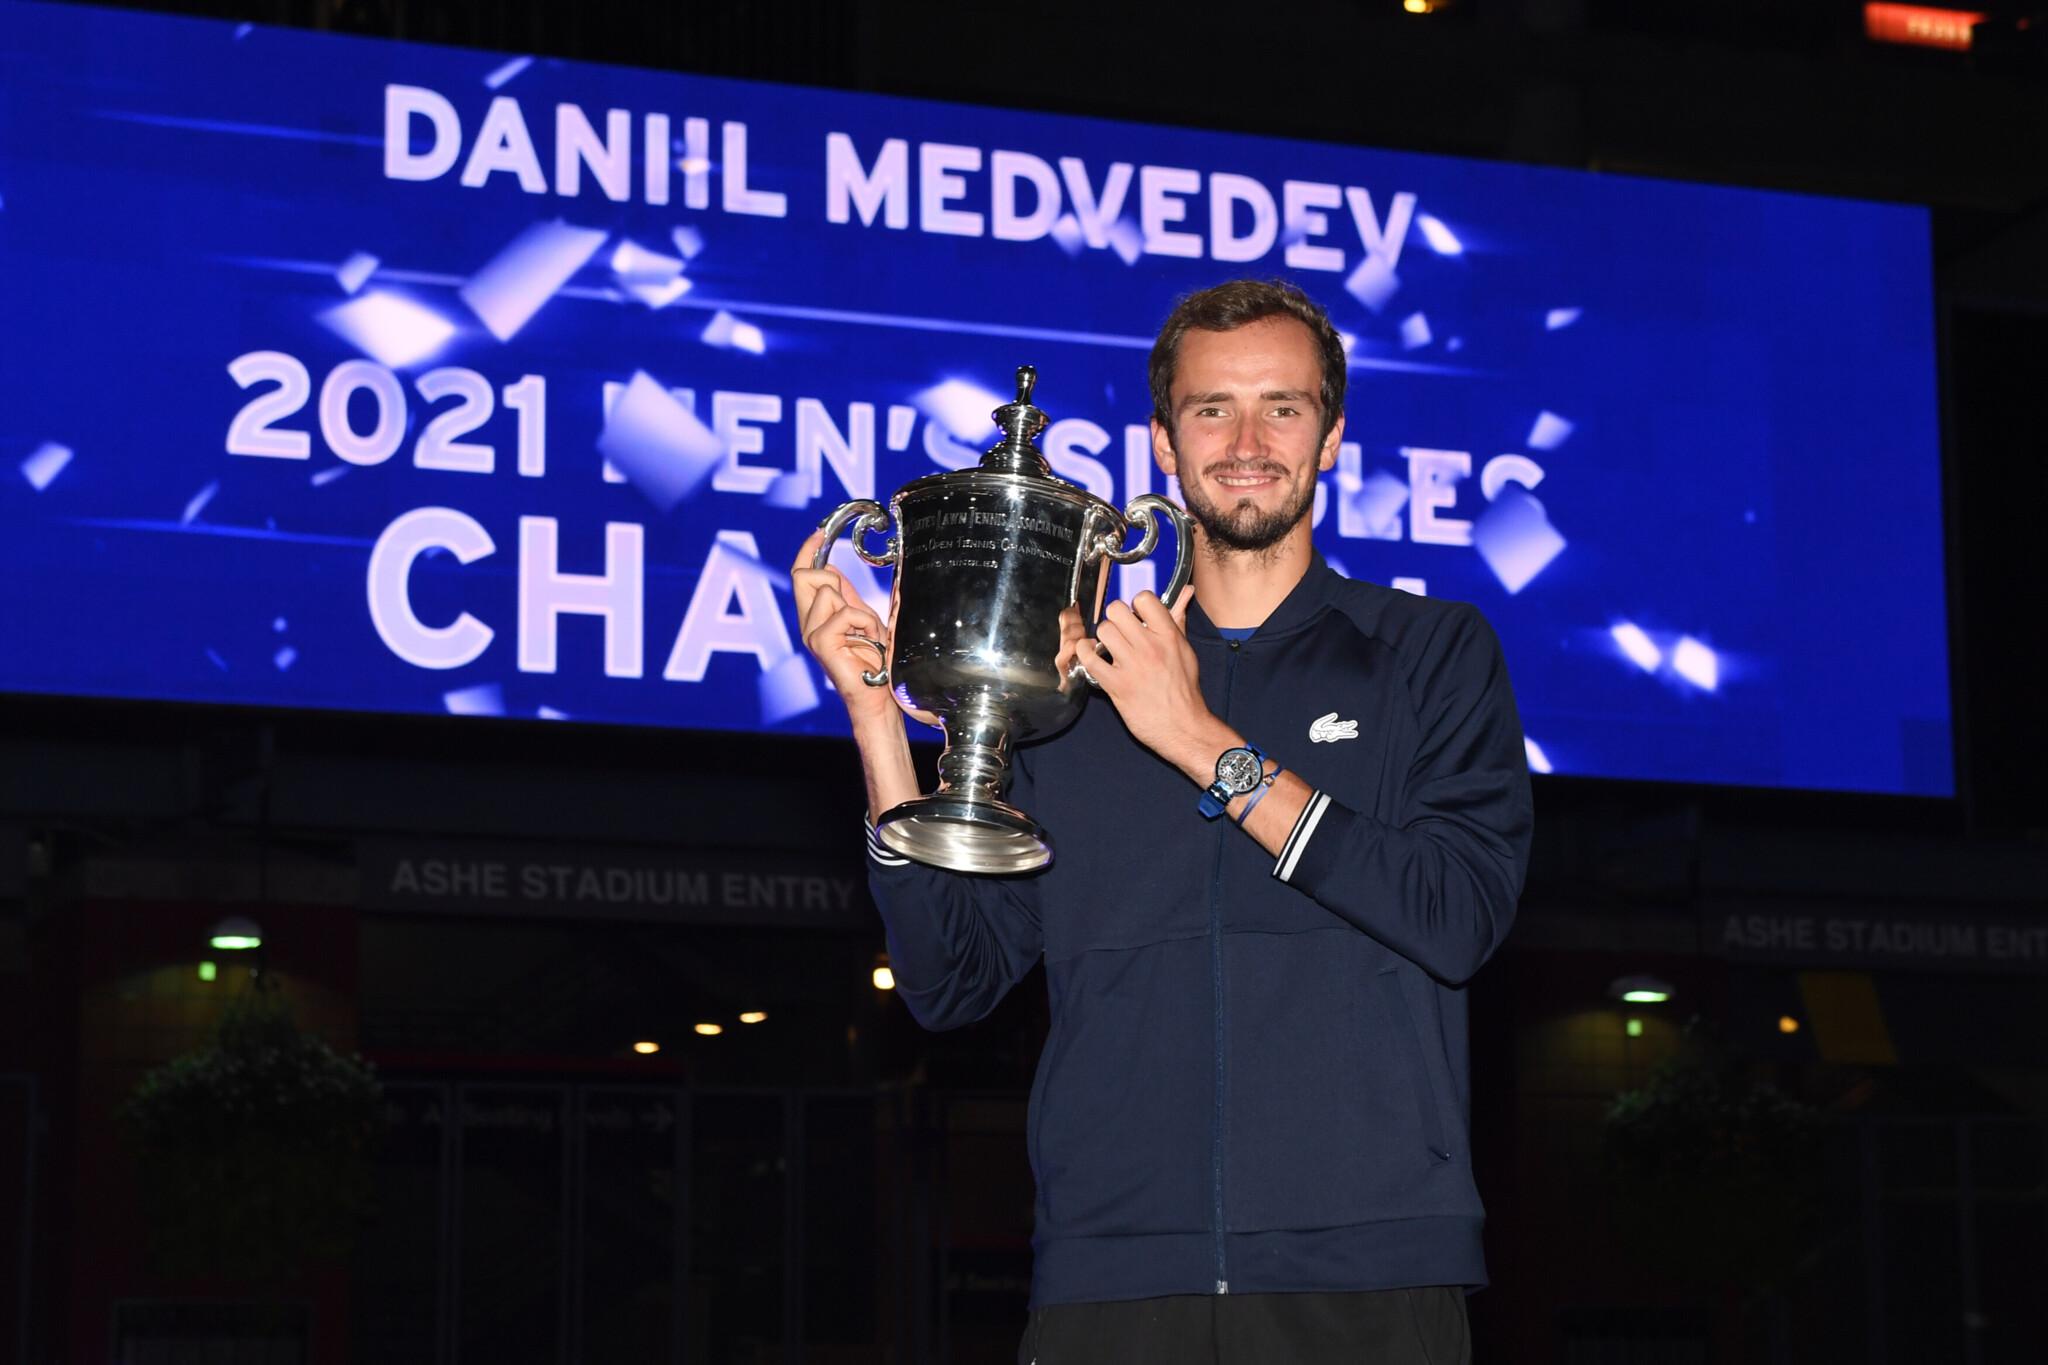 Даниил Медведев: Когда «Бавария» поздравила меня футболкой с моим именем, это было очень круто!